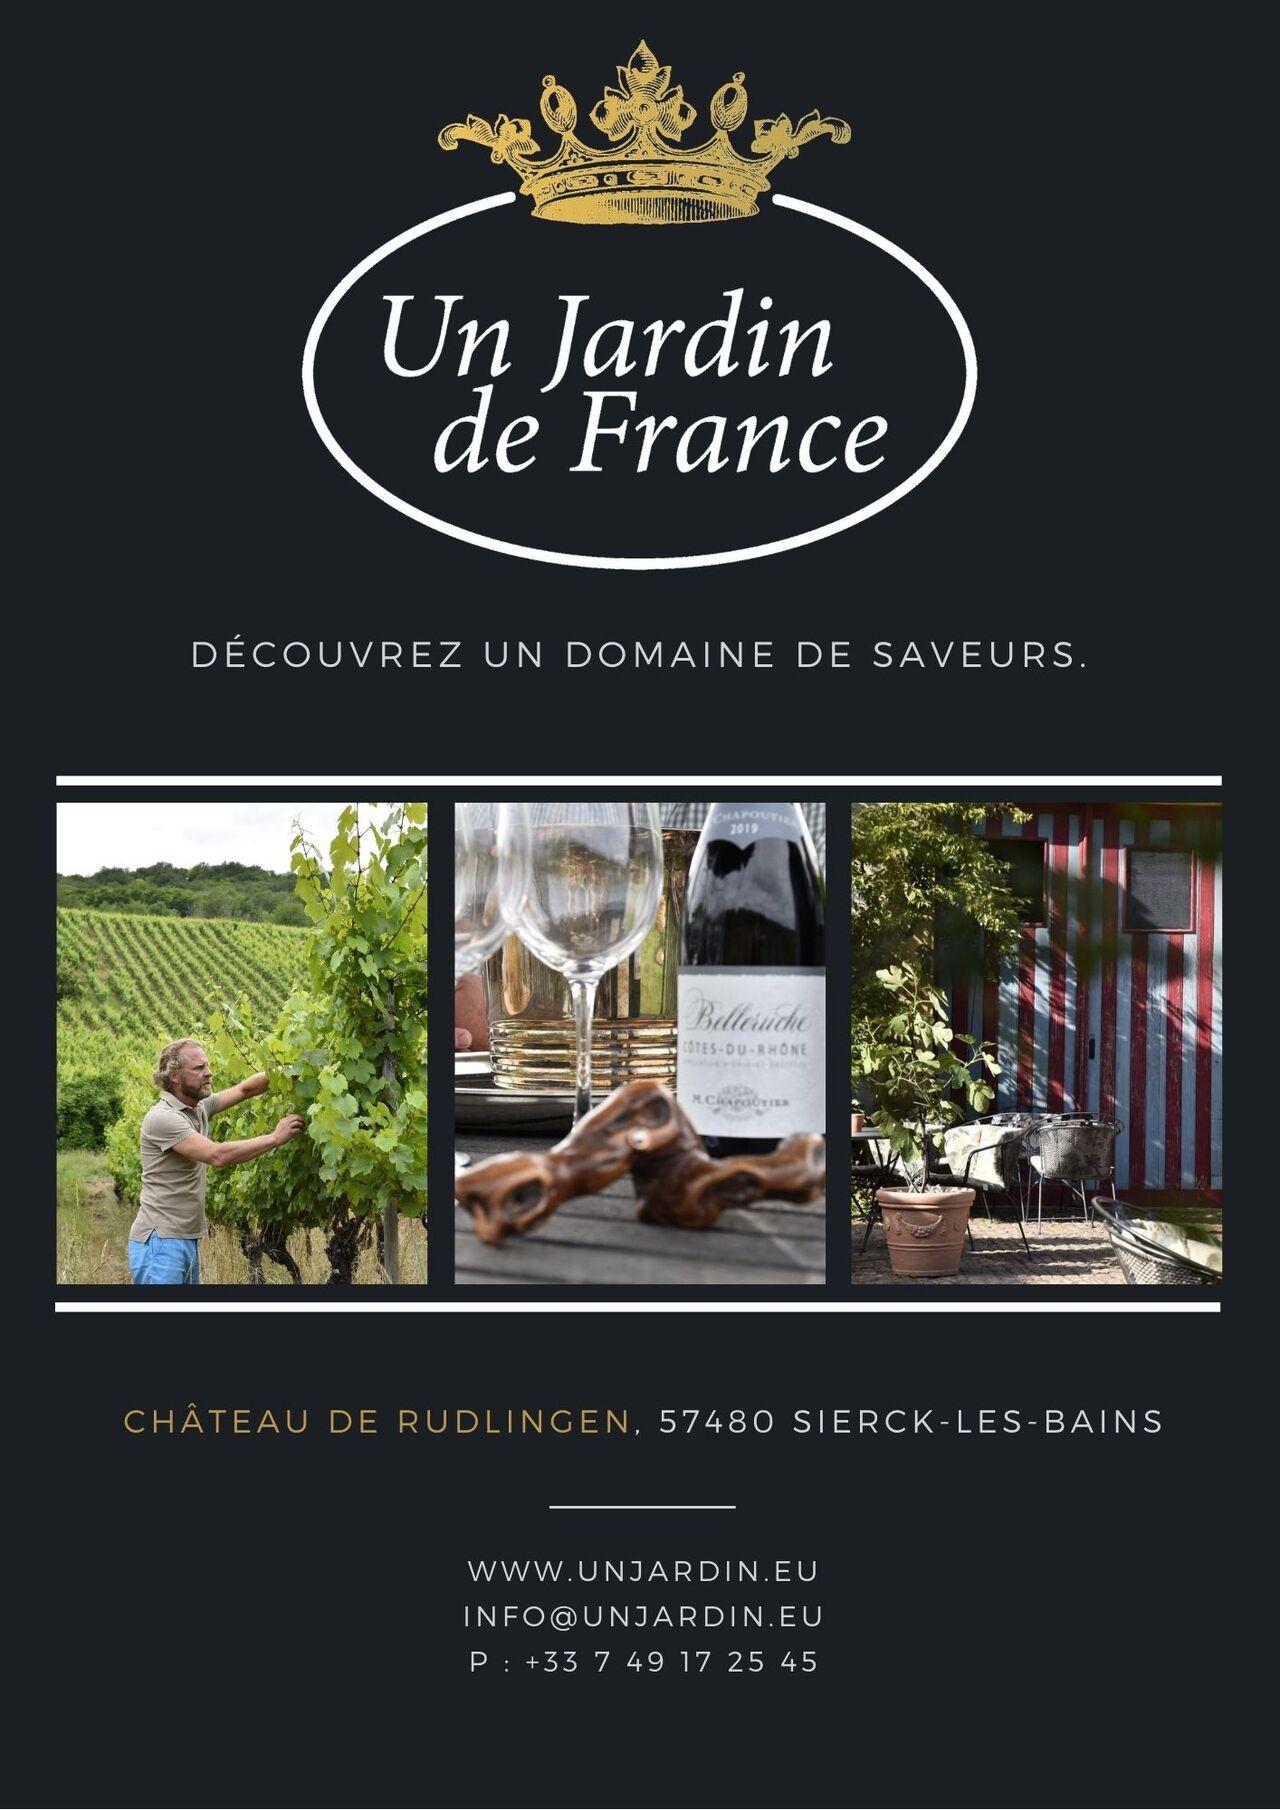 Un Jardin De France - Sierck Les Bains | Französische Küche ... intérieur Un Jardin De France Sierck Les Bains